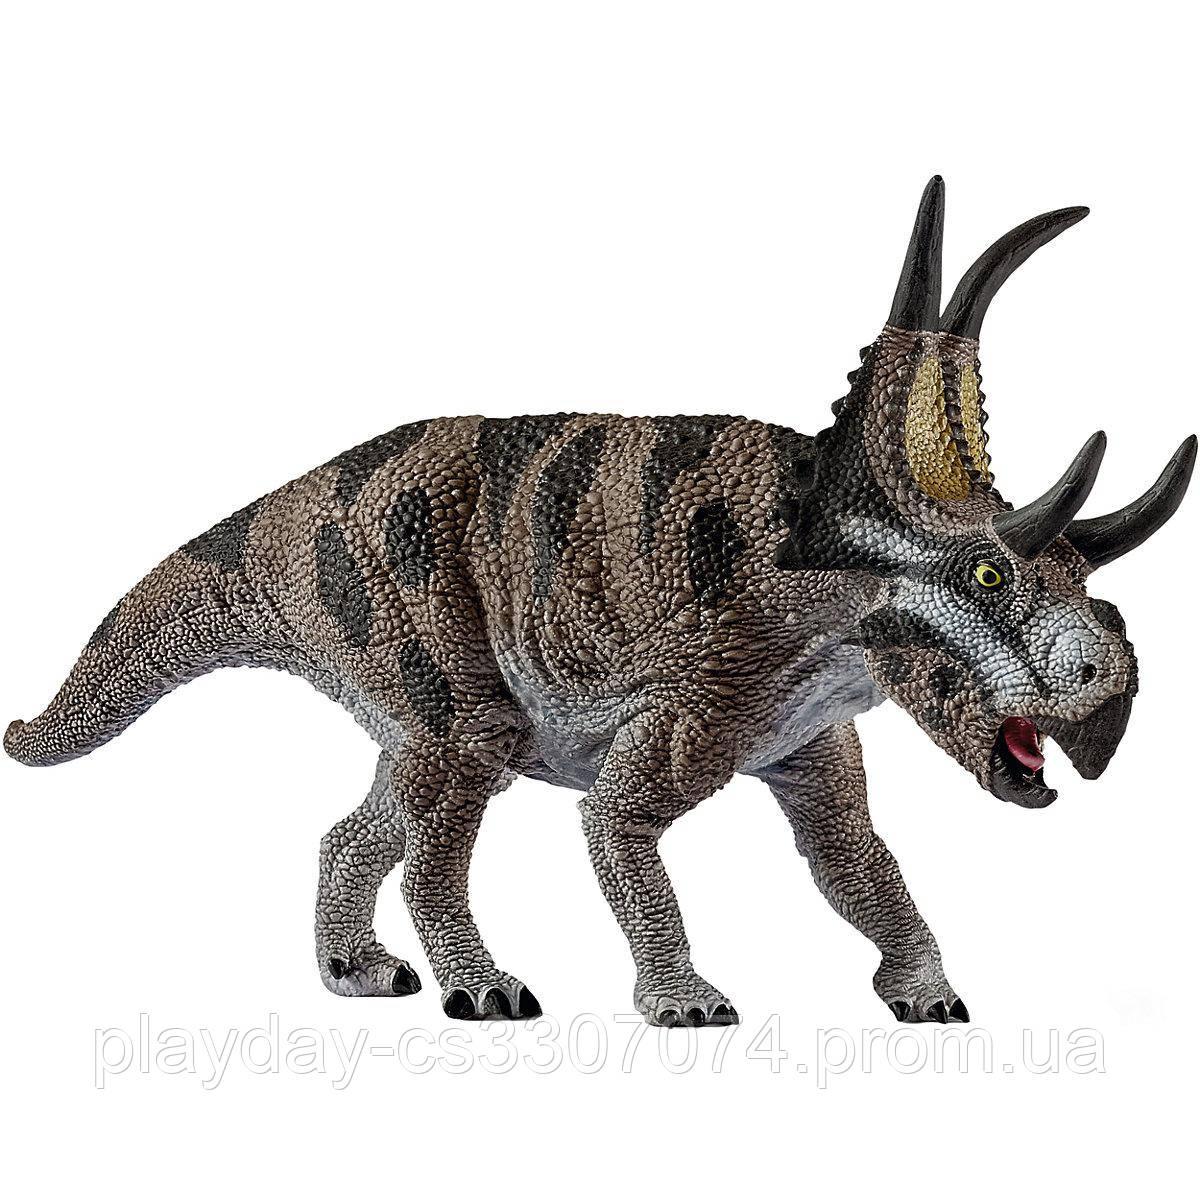 Фигурка динозавра Диаблоцератопс  SCHLEICH